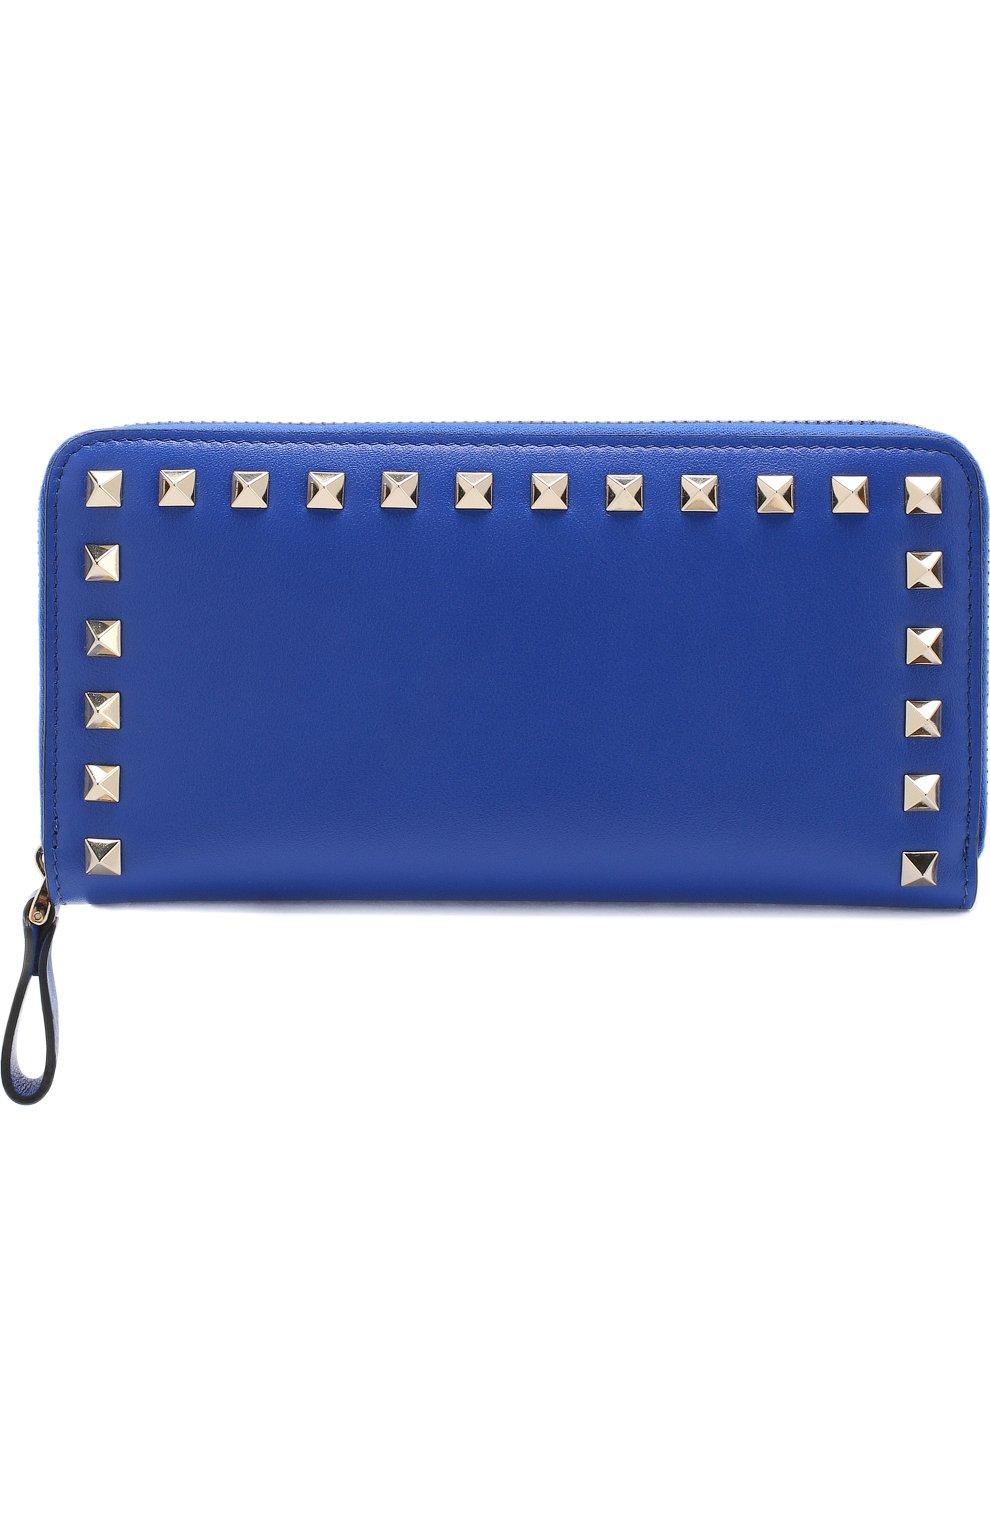 Кожаный кошелек Valentino Garavani Rockstud | Фото №1